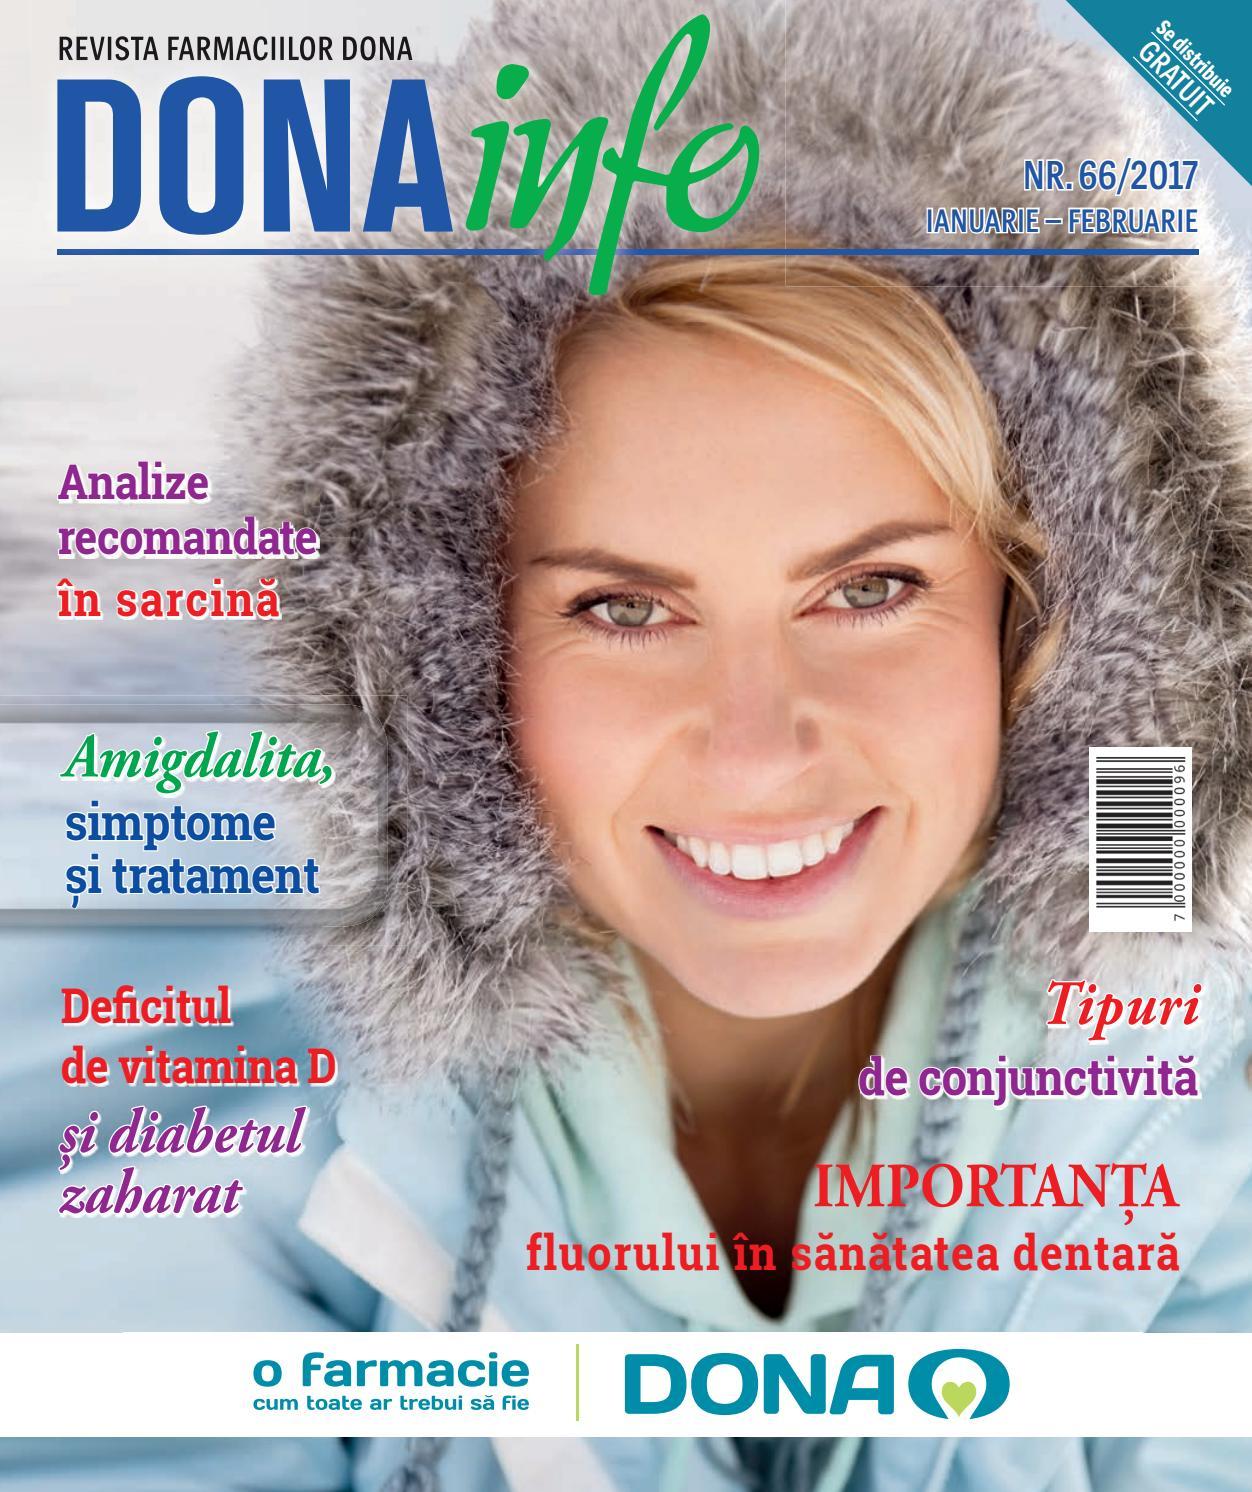 Pregătire comună dona, Inflamația articulară în deget